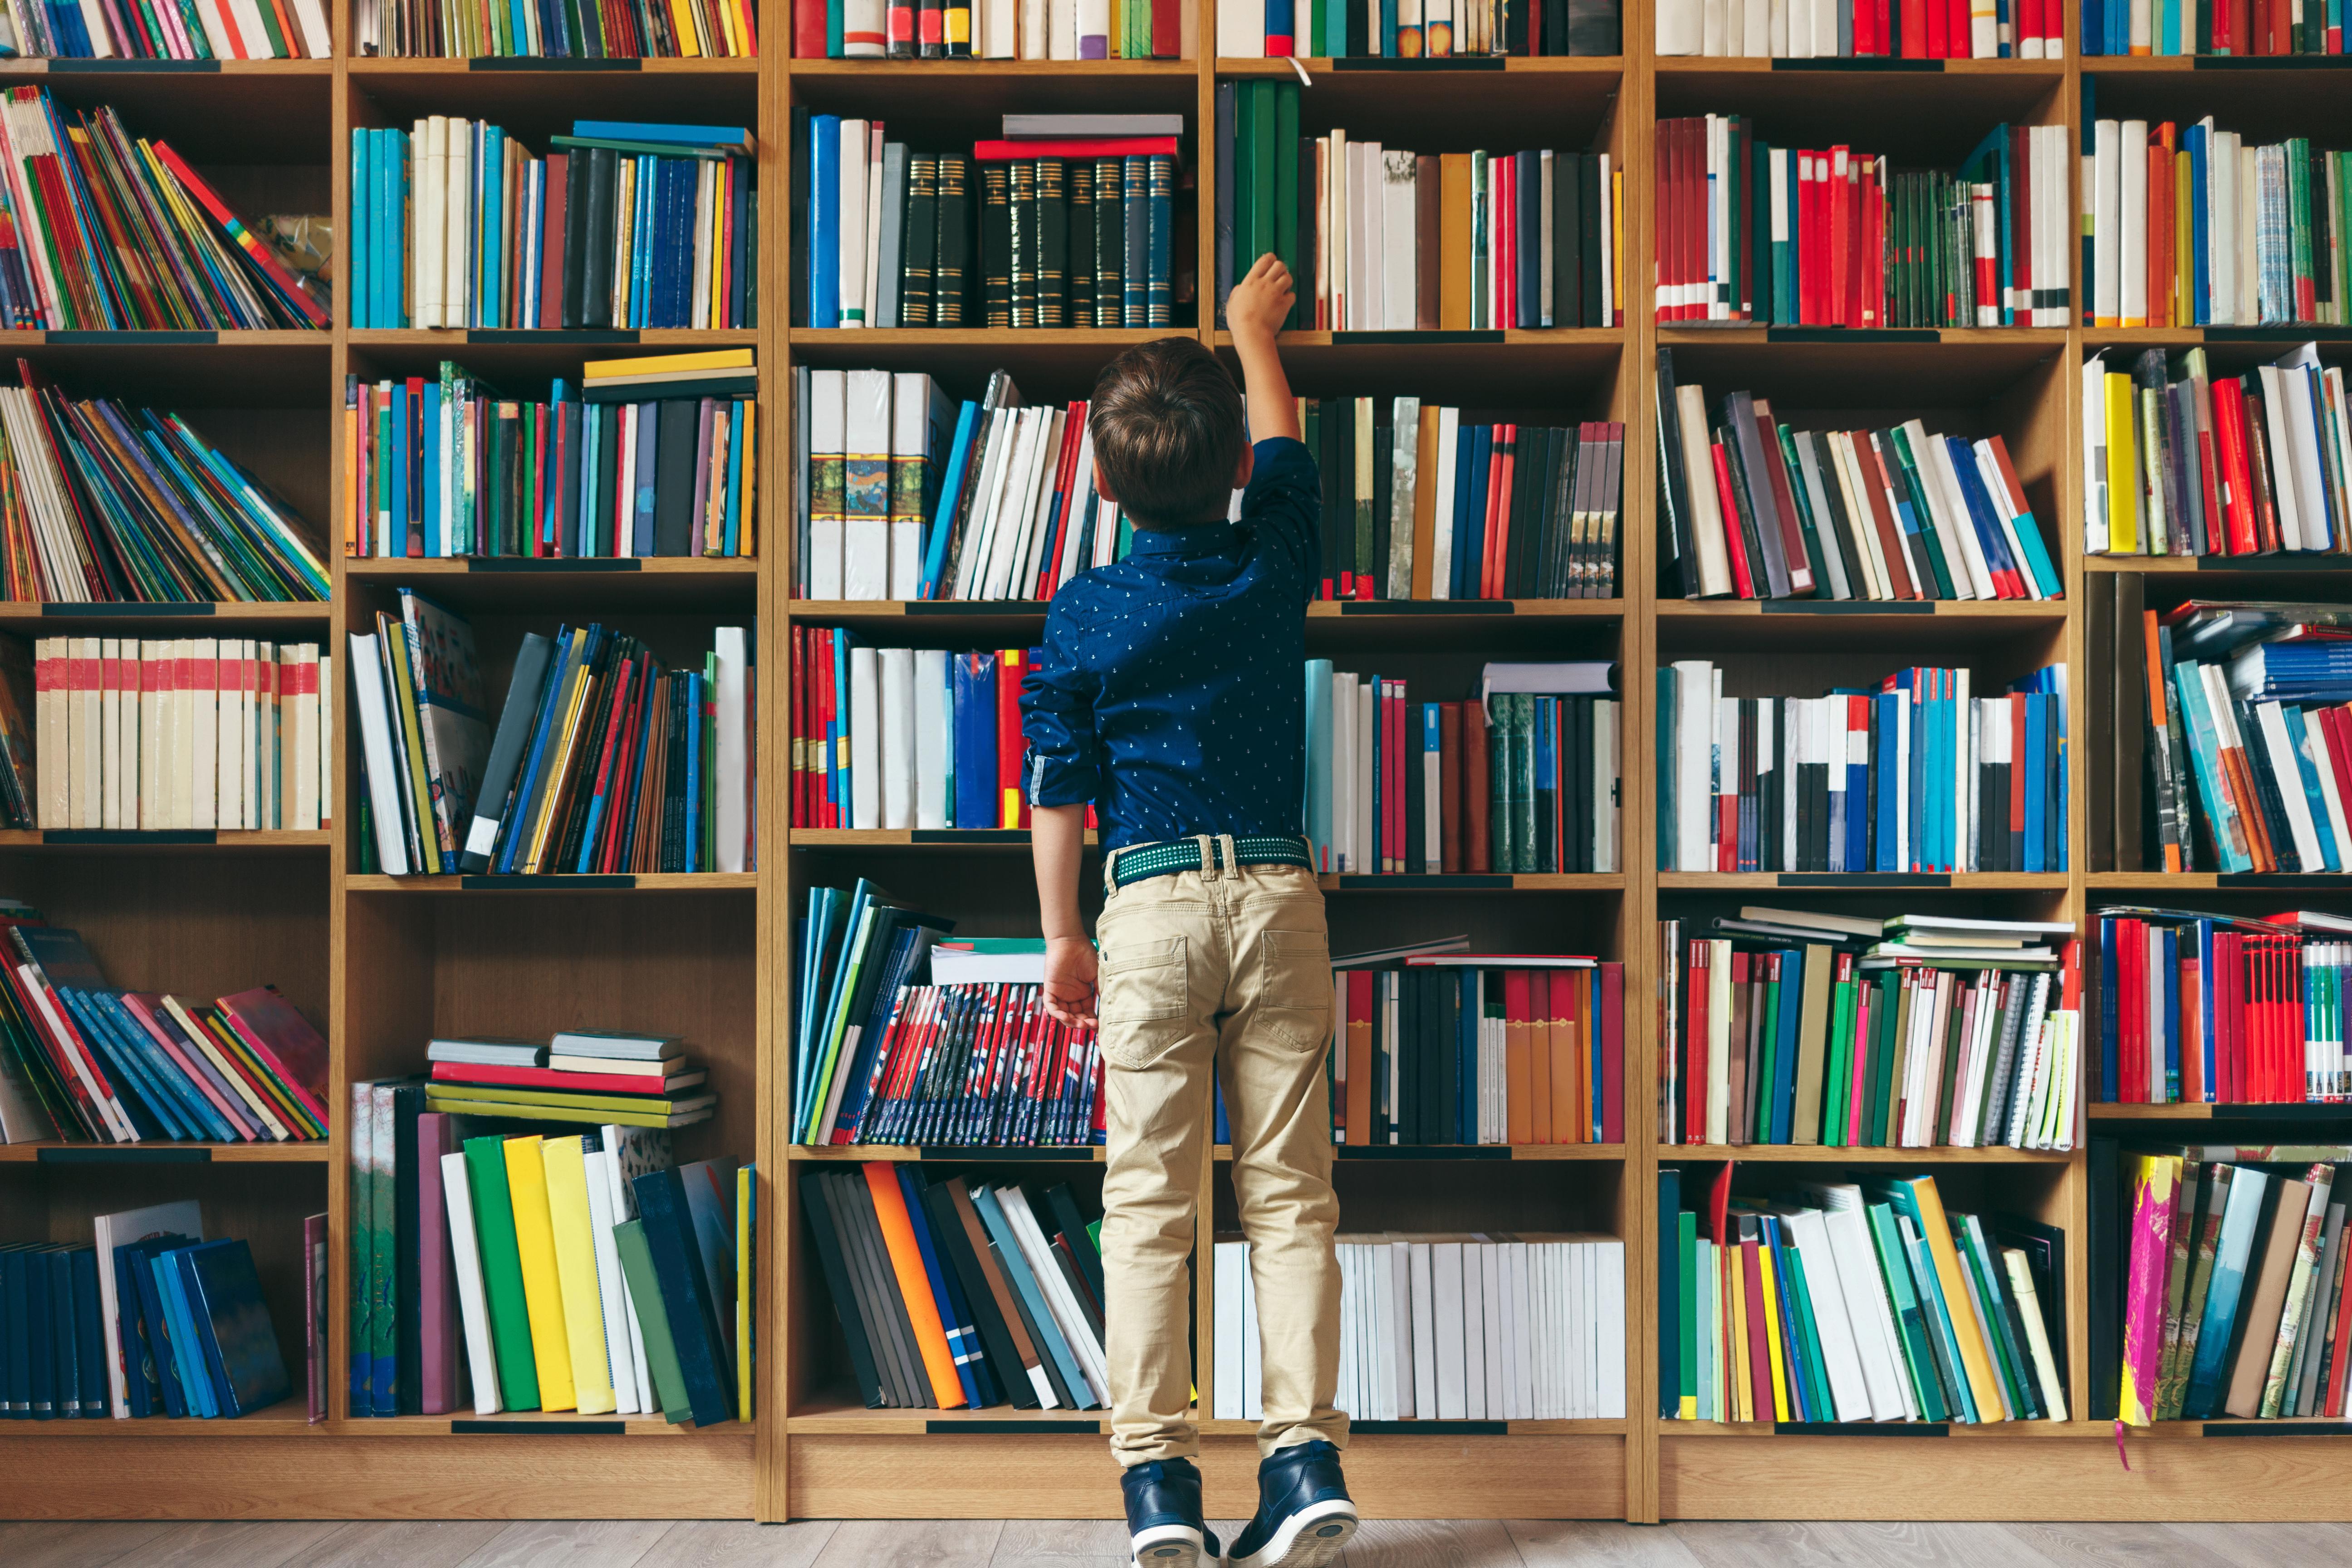 Felfutóban a használt könyvek, hiszen a járványhelyzet miatt egyre többet olvasunk!